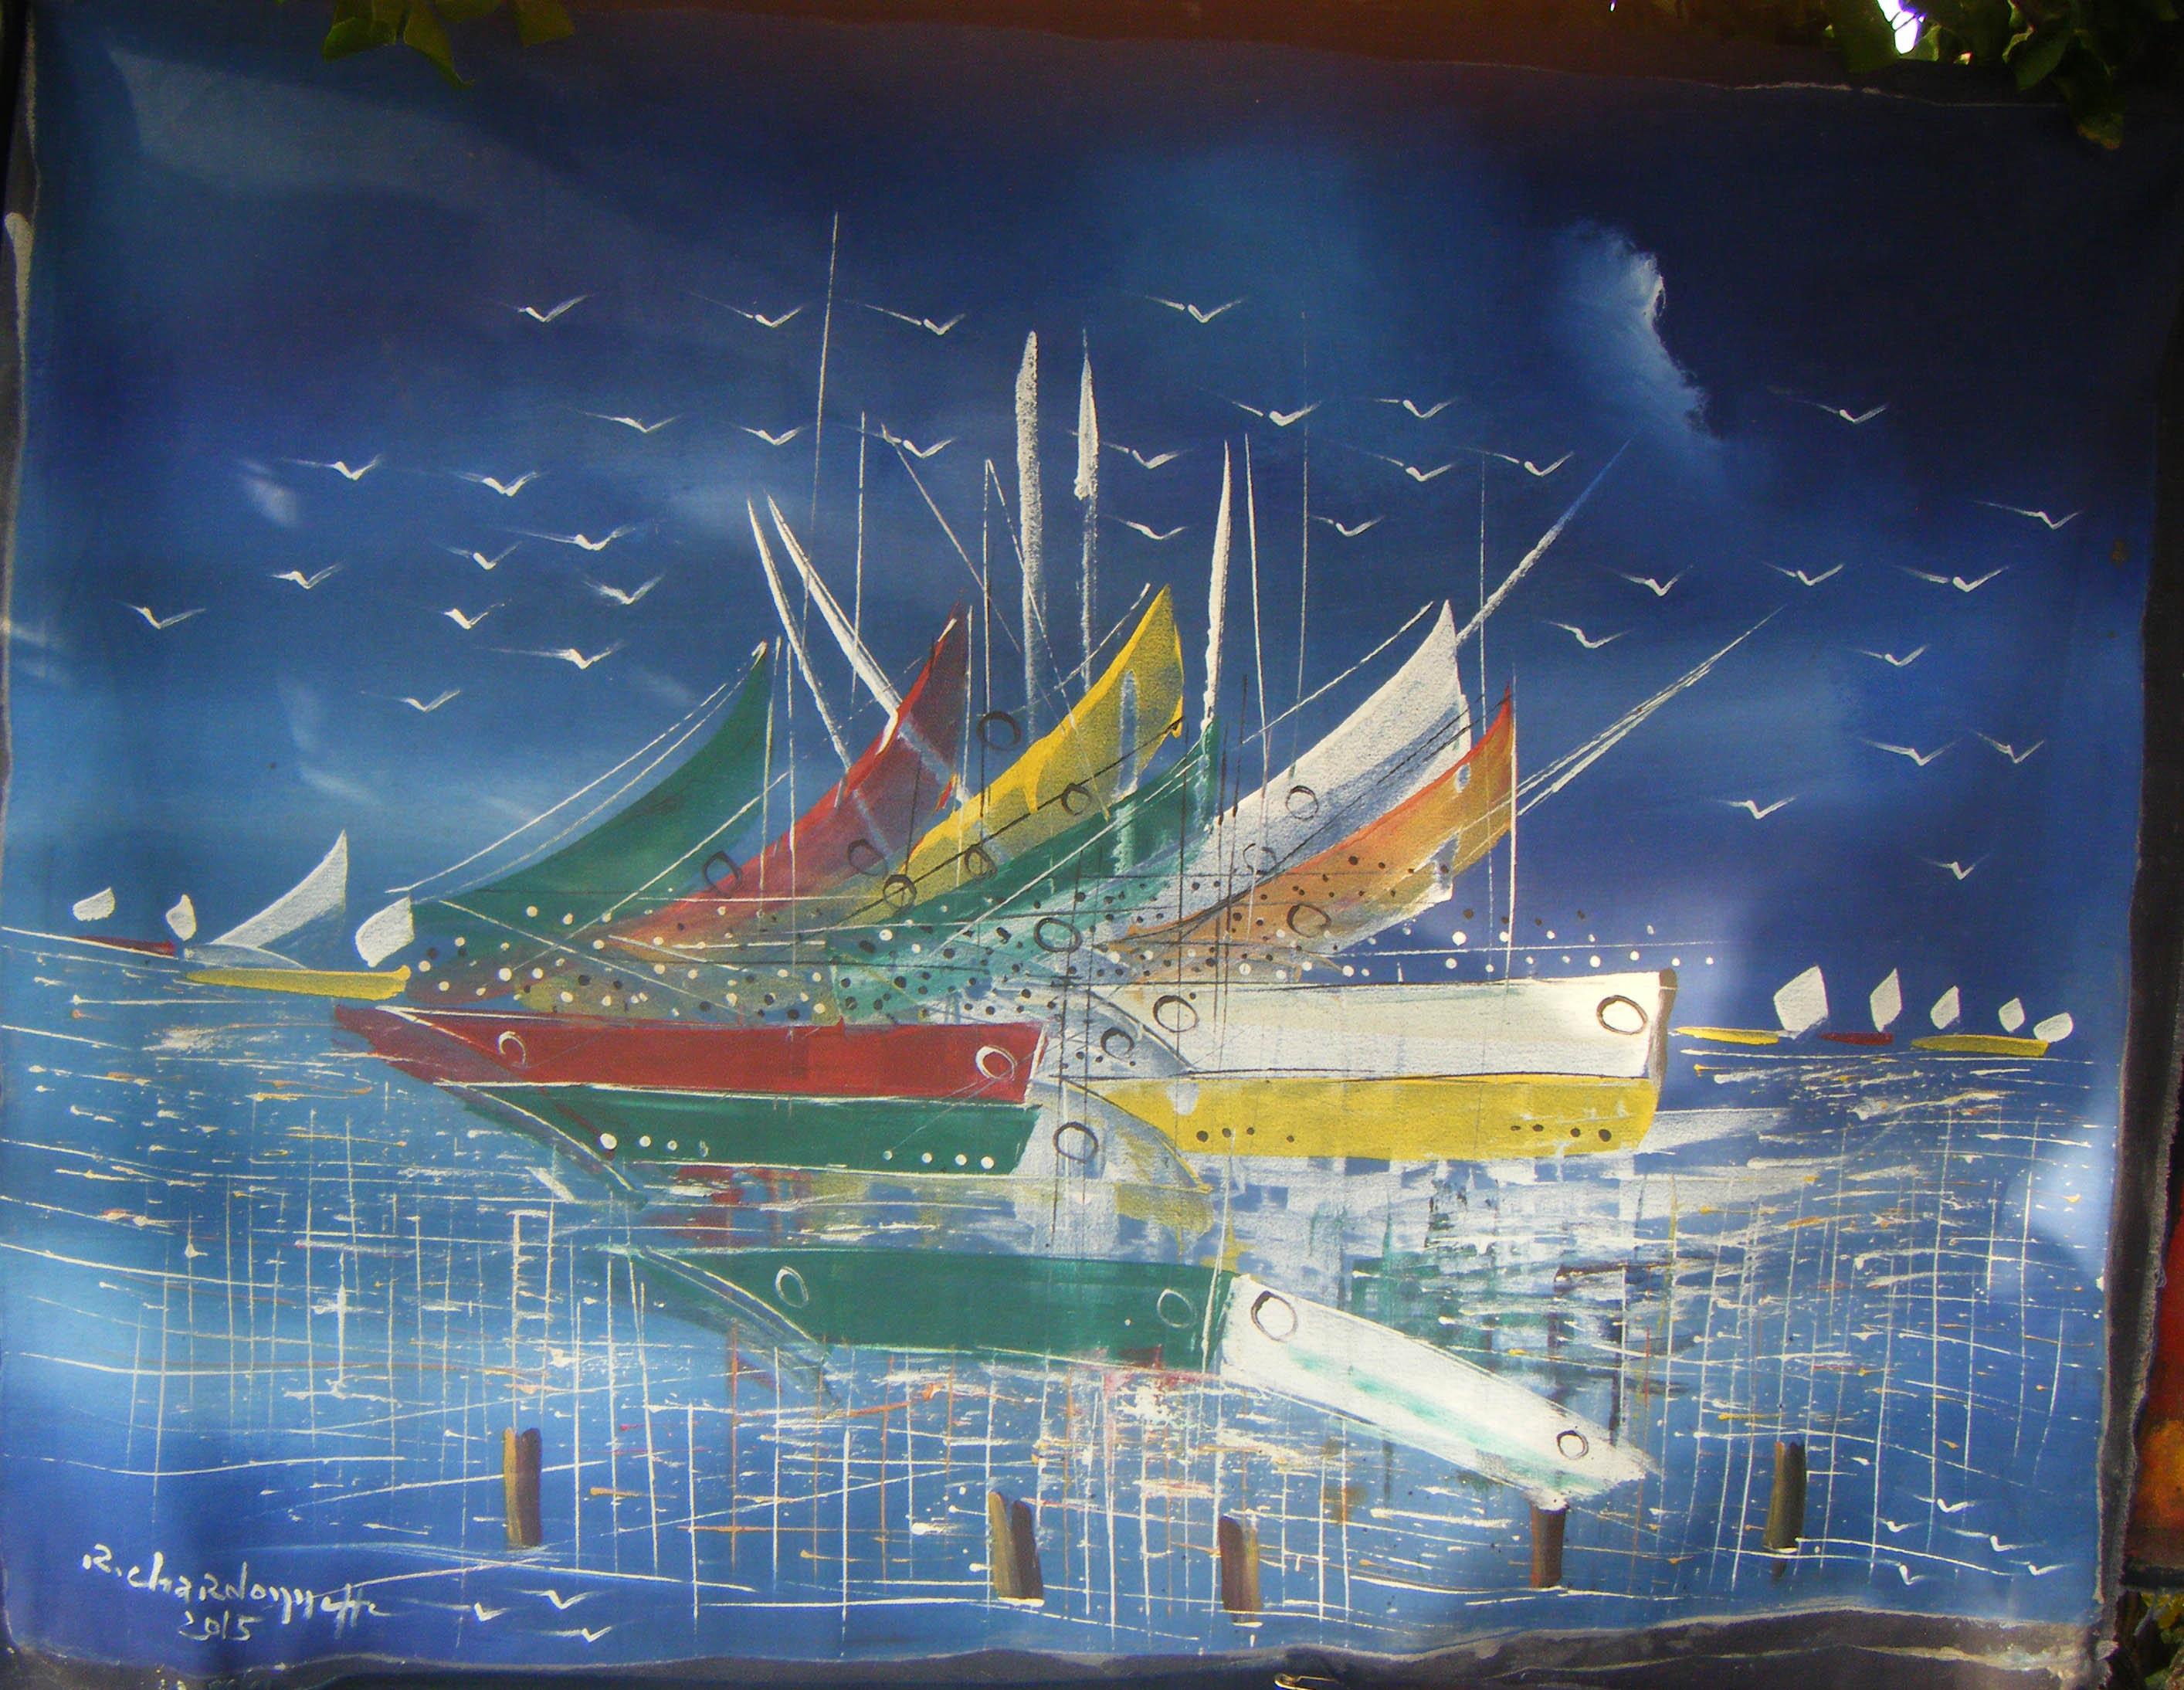 Schipbreuk originele doek handgemaakte schilderij folk kunst eur veiling nederland - Mandje doek doek ...